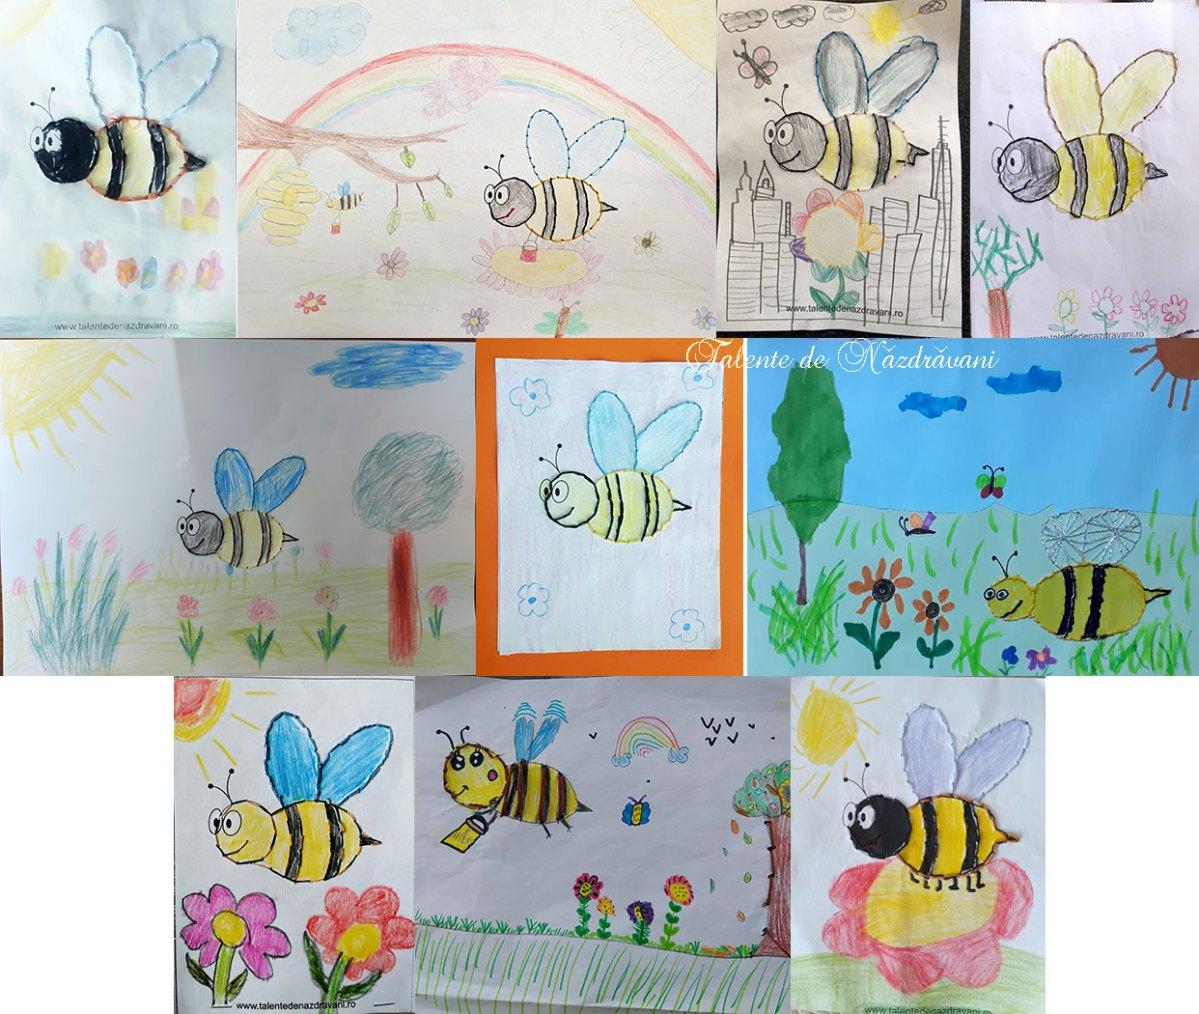 albine cusaturi Scoala de Vara 2021